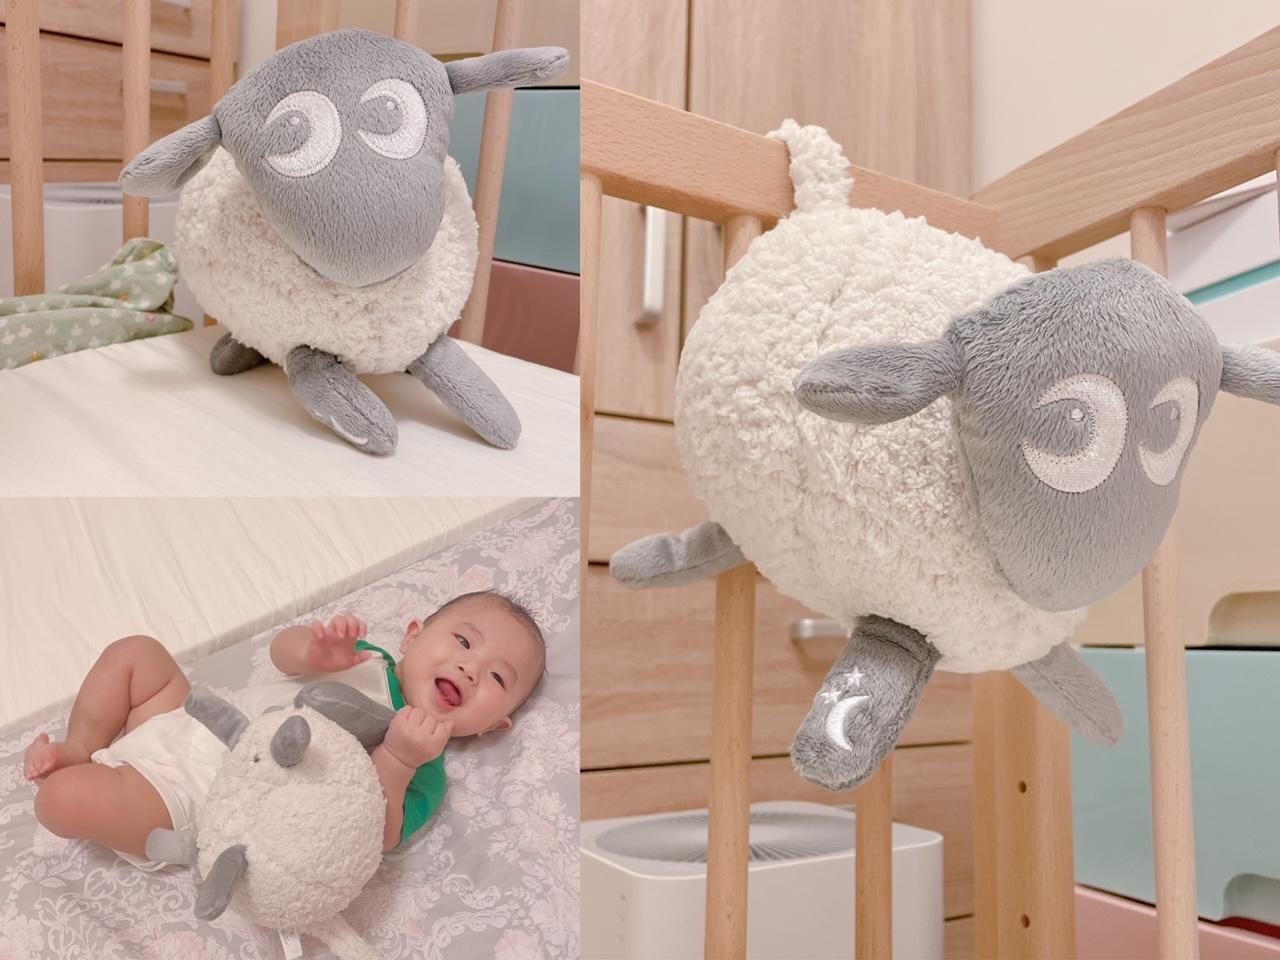 《好物》媽咪的育兒好朋友!安撫寶寶的可愛神器–甜夢綿羊Ewan